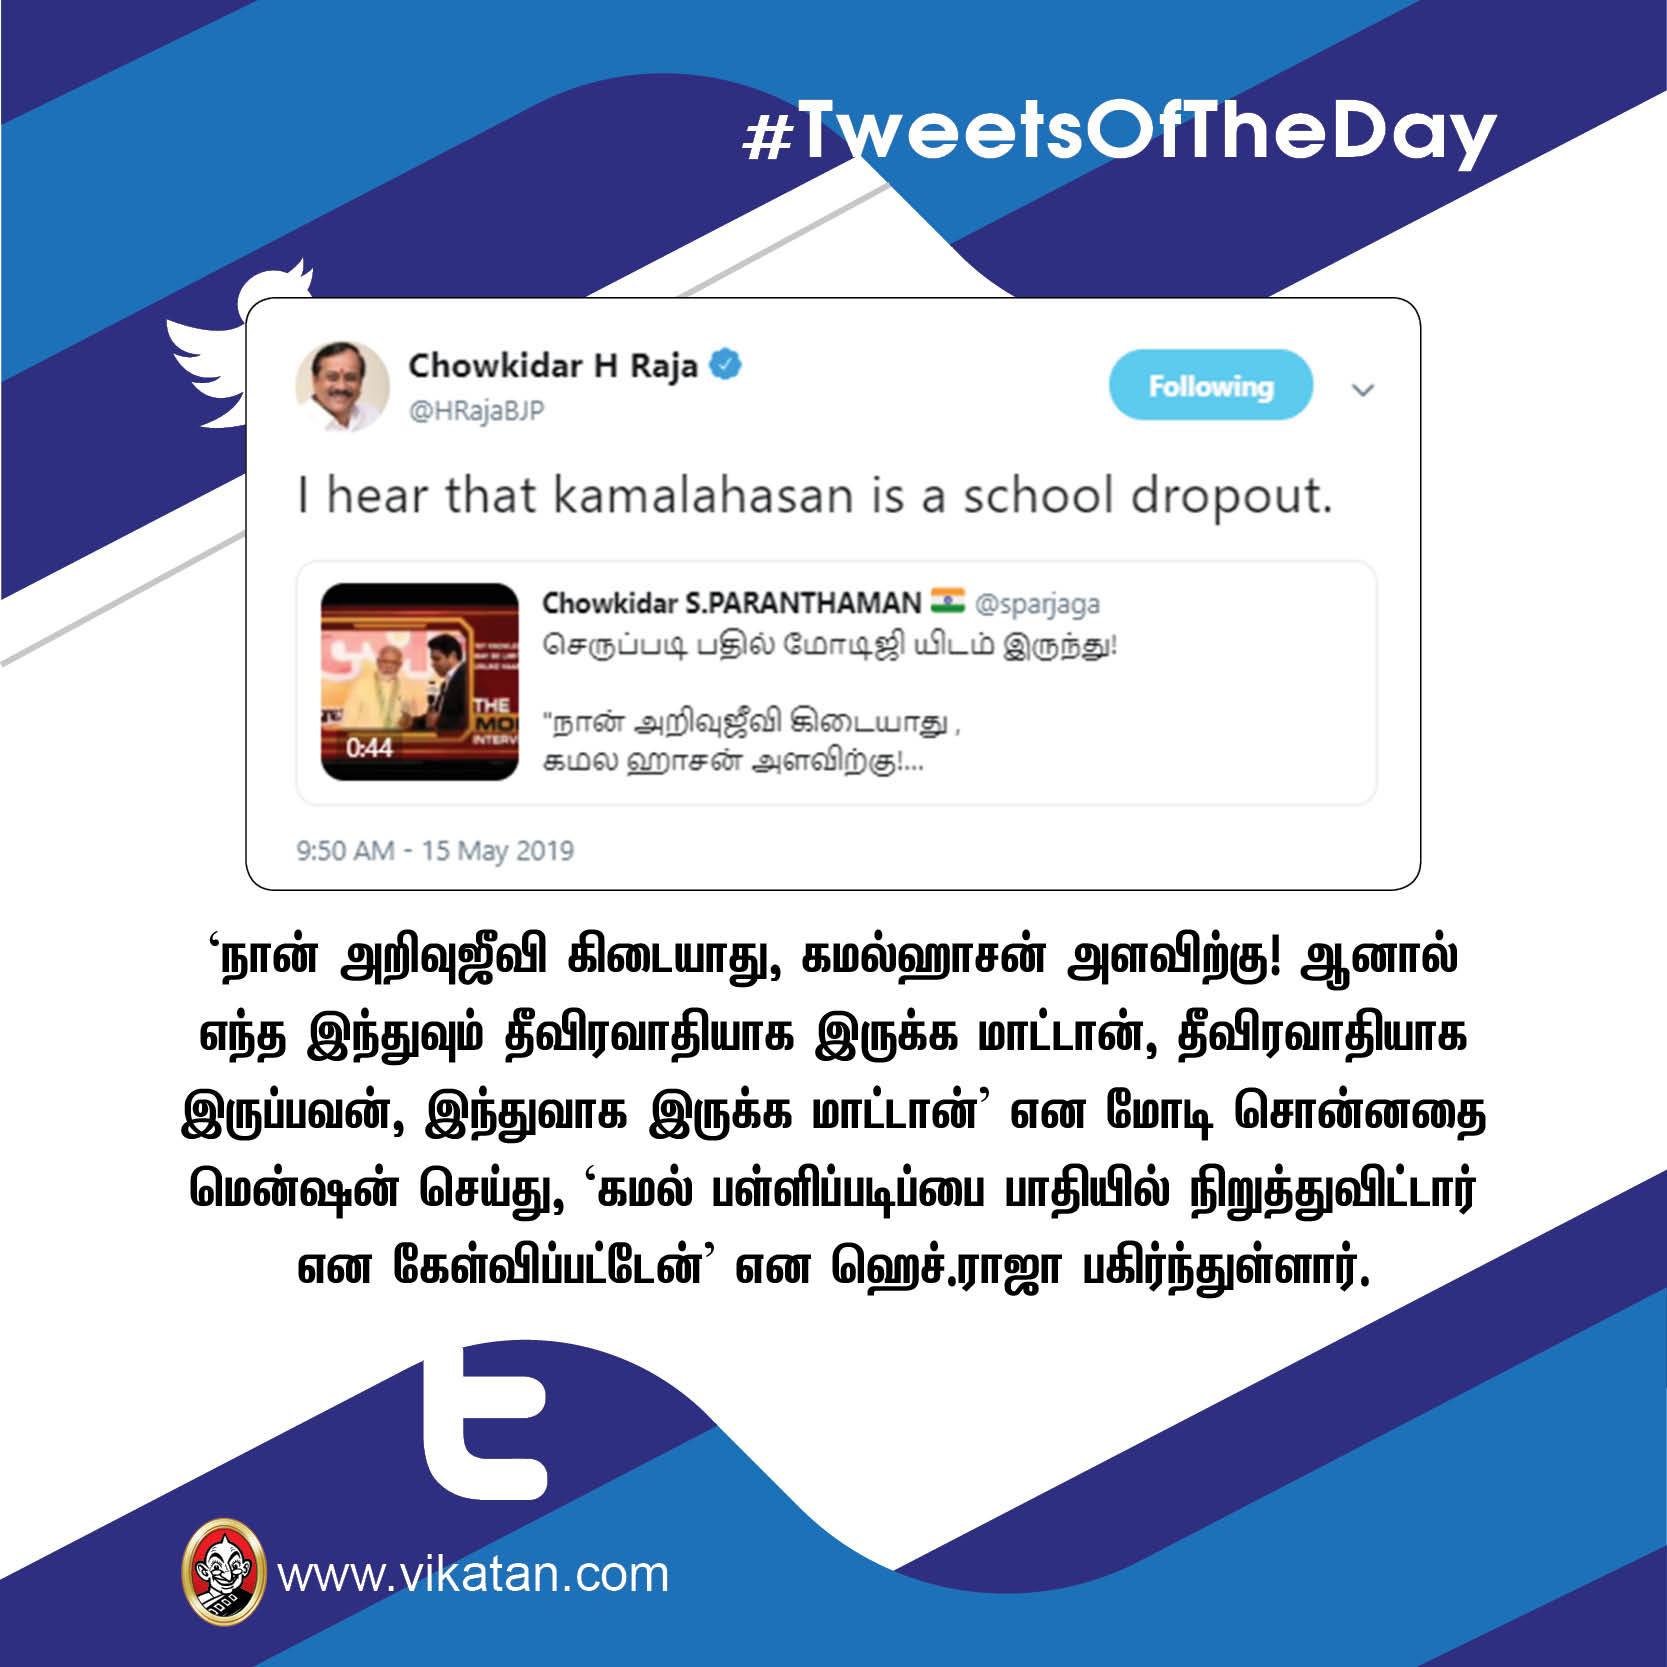 'சதாம் உசைன்' மம்தா ; 'ஸ்கூல் டிராப்அவுட்' கமல் #TweetsOfTheDay